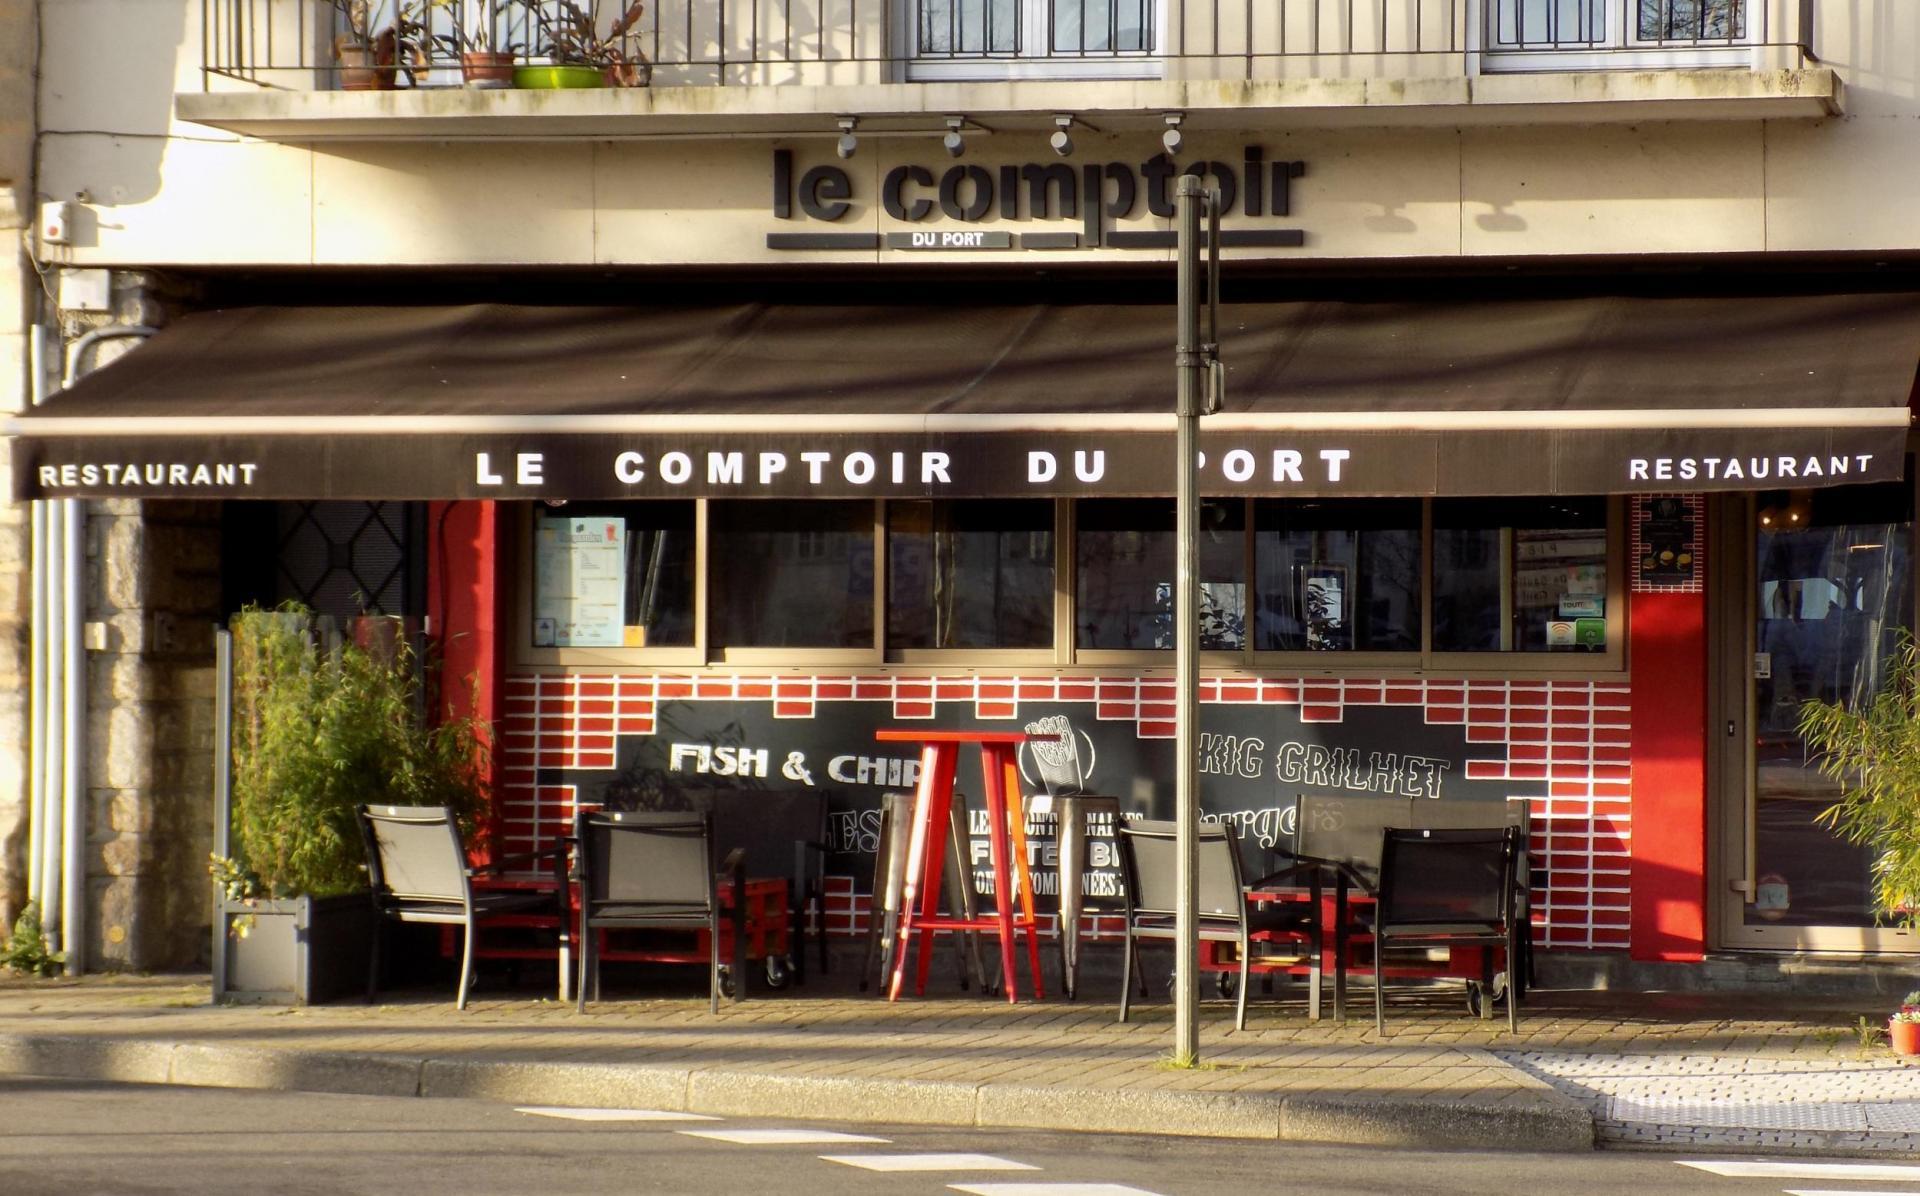 extérieur restaurant Le comptoir du port